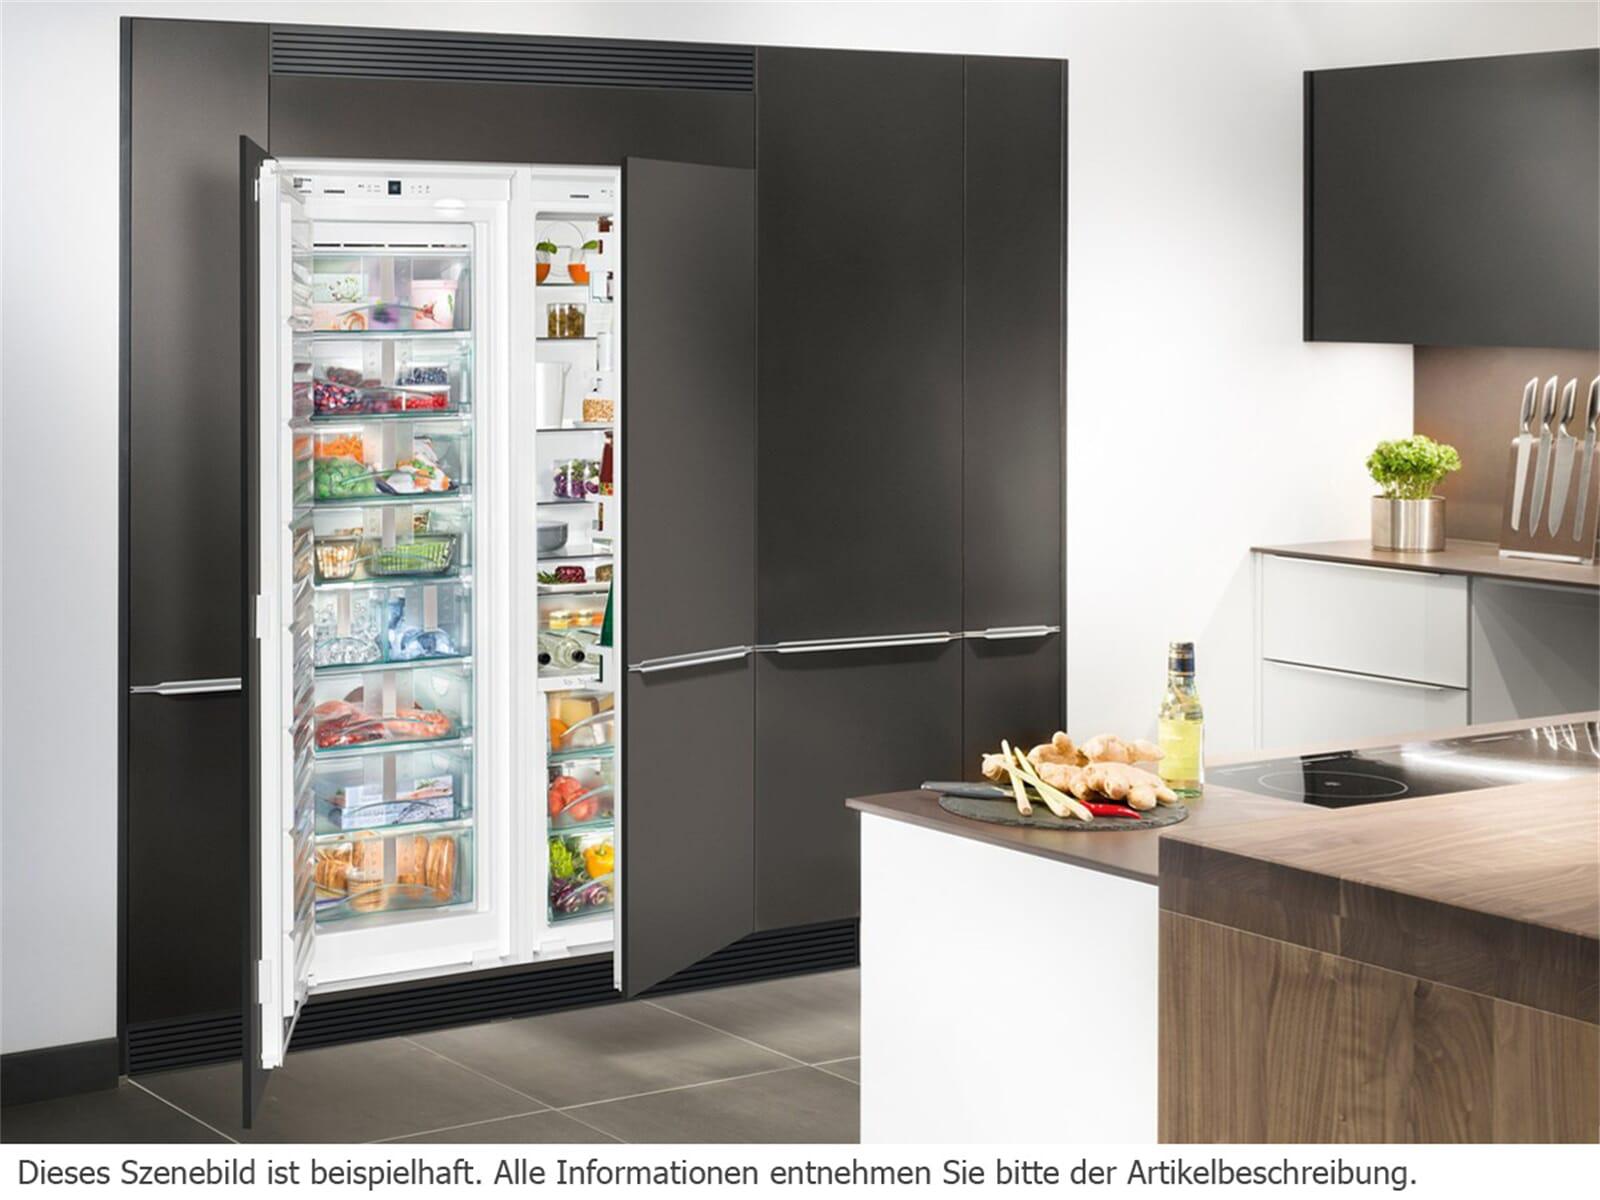 Kühlschrank Und Gefrierschrank Mit Eiswürfelspender : Samsung side by side kühlschrank ersatzteile teile zubehör